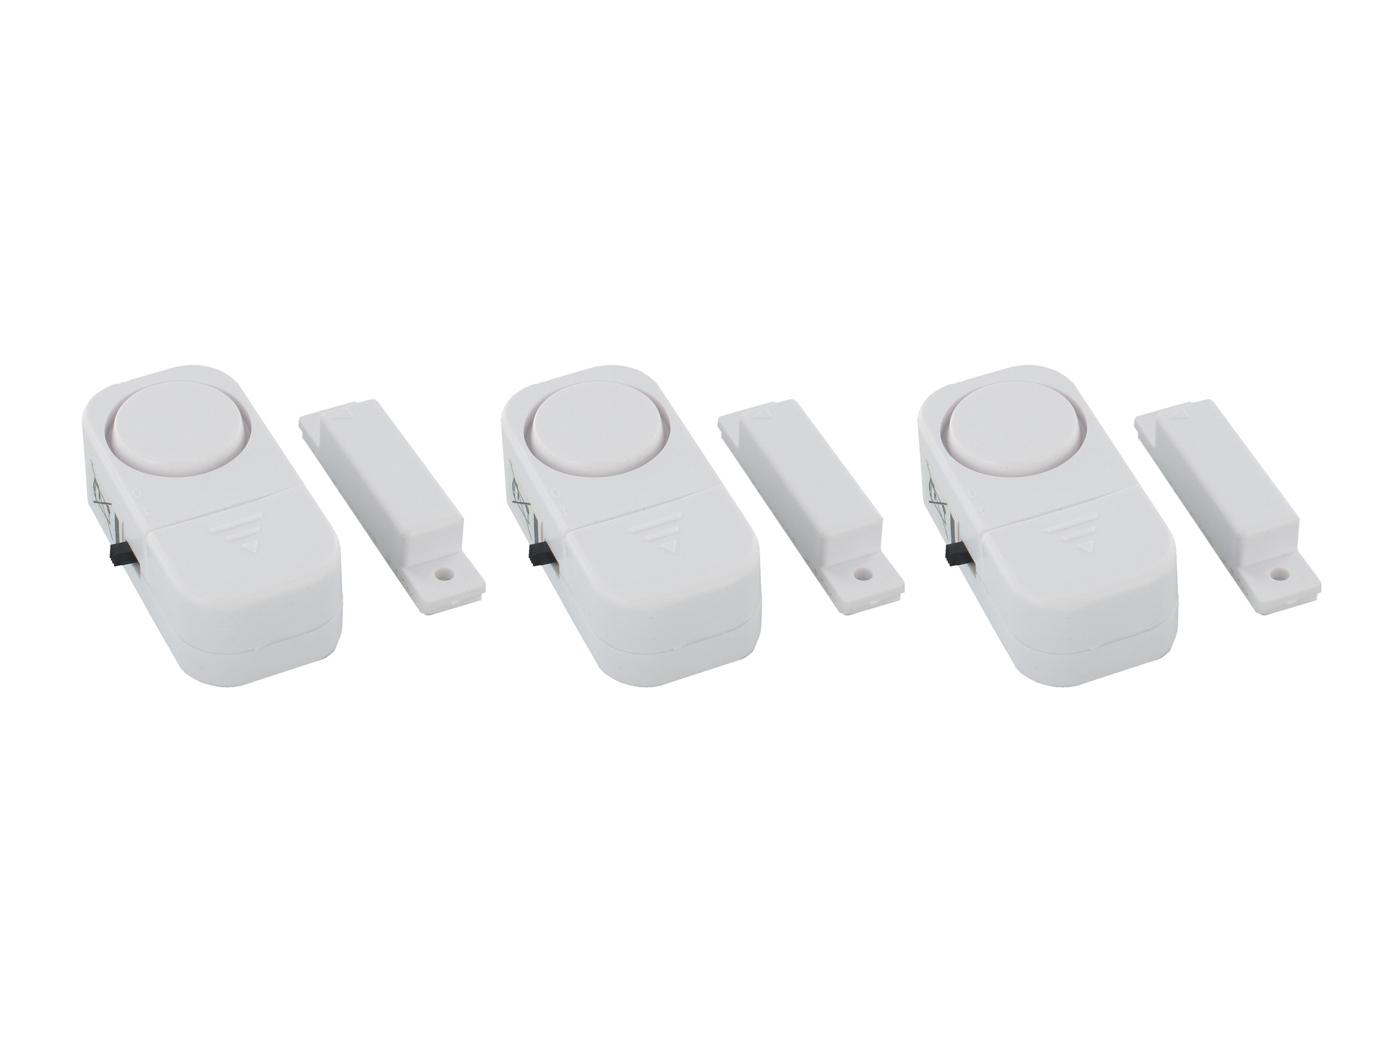 3er-set fenstersicherung türsicherung alarm türsirene minialarm